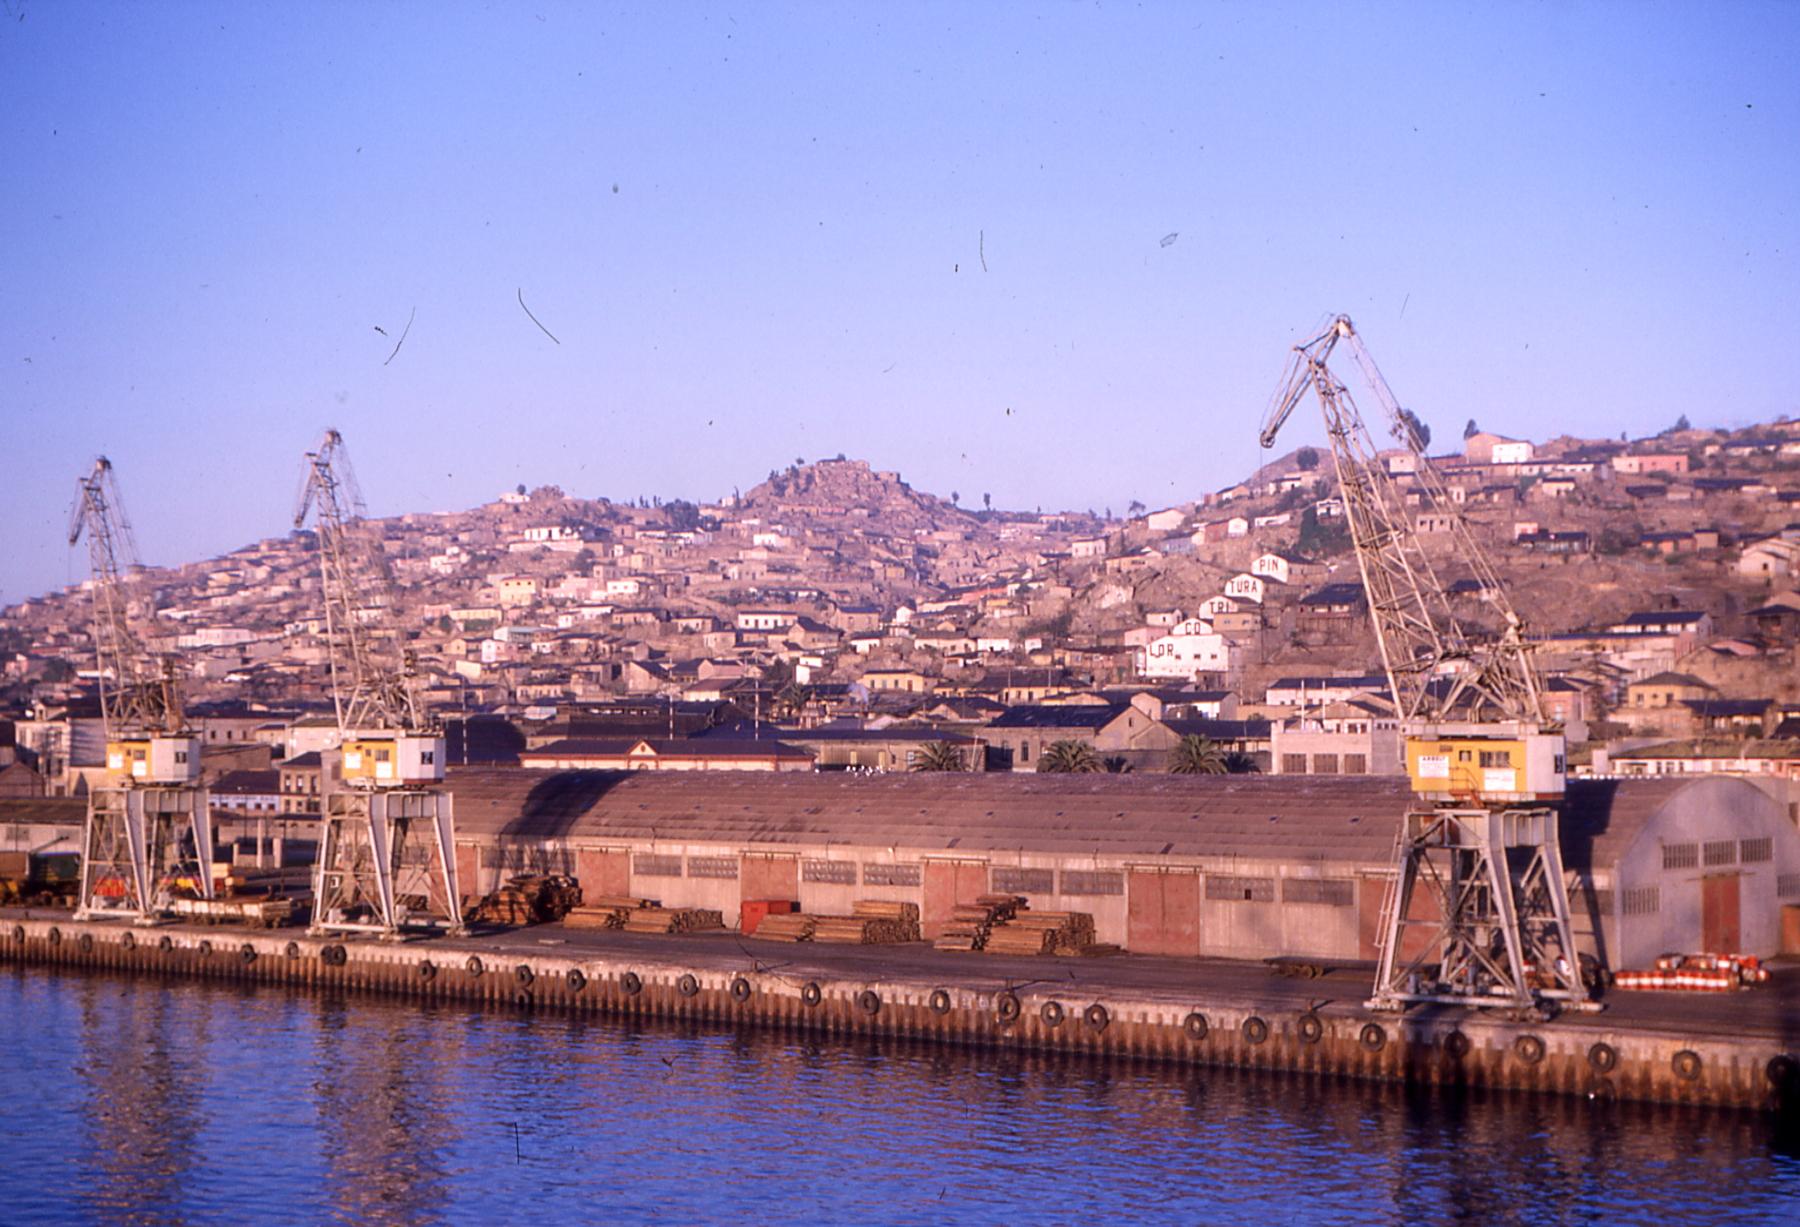 Enterreno - Fotos históricas de chile - fotos antiguas de Chile - Puerto de Coquimbo, 1963